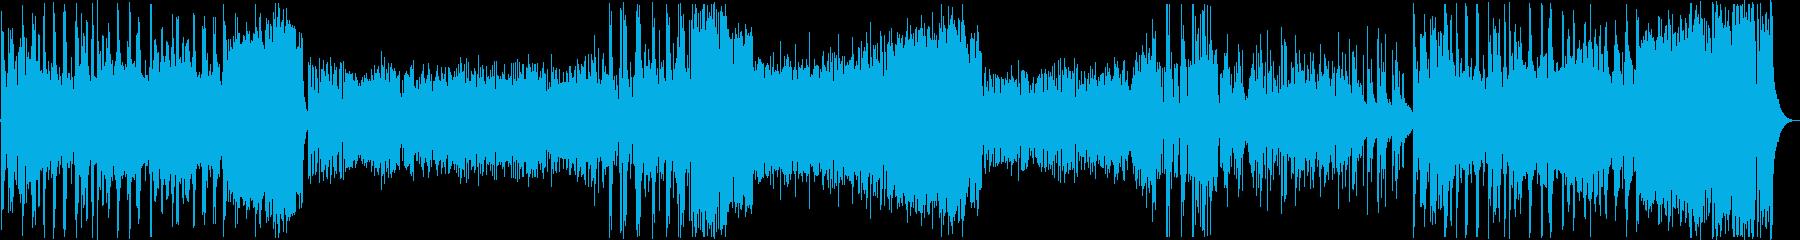 Oedo TOKYO Emaki Survival Action's reproduced waveform